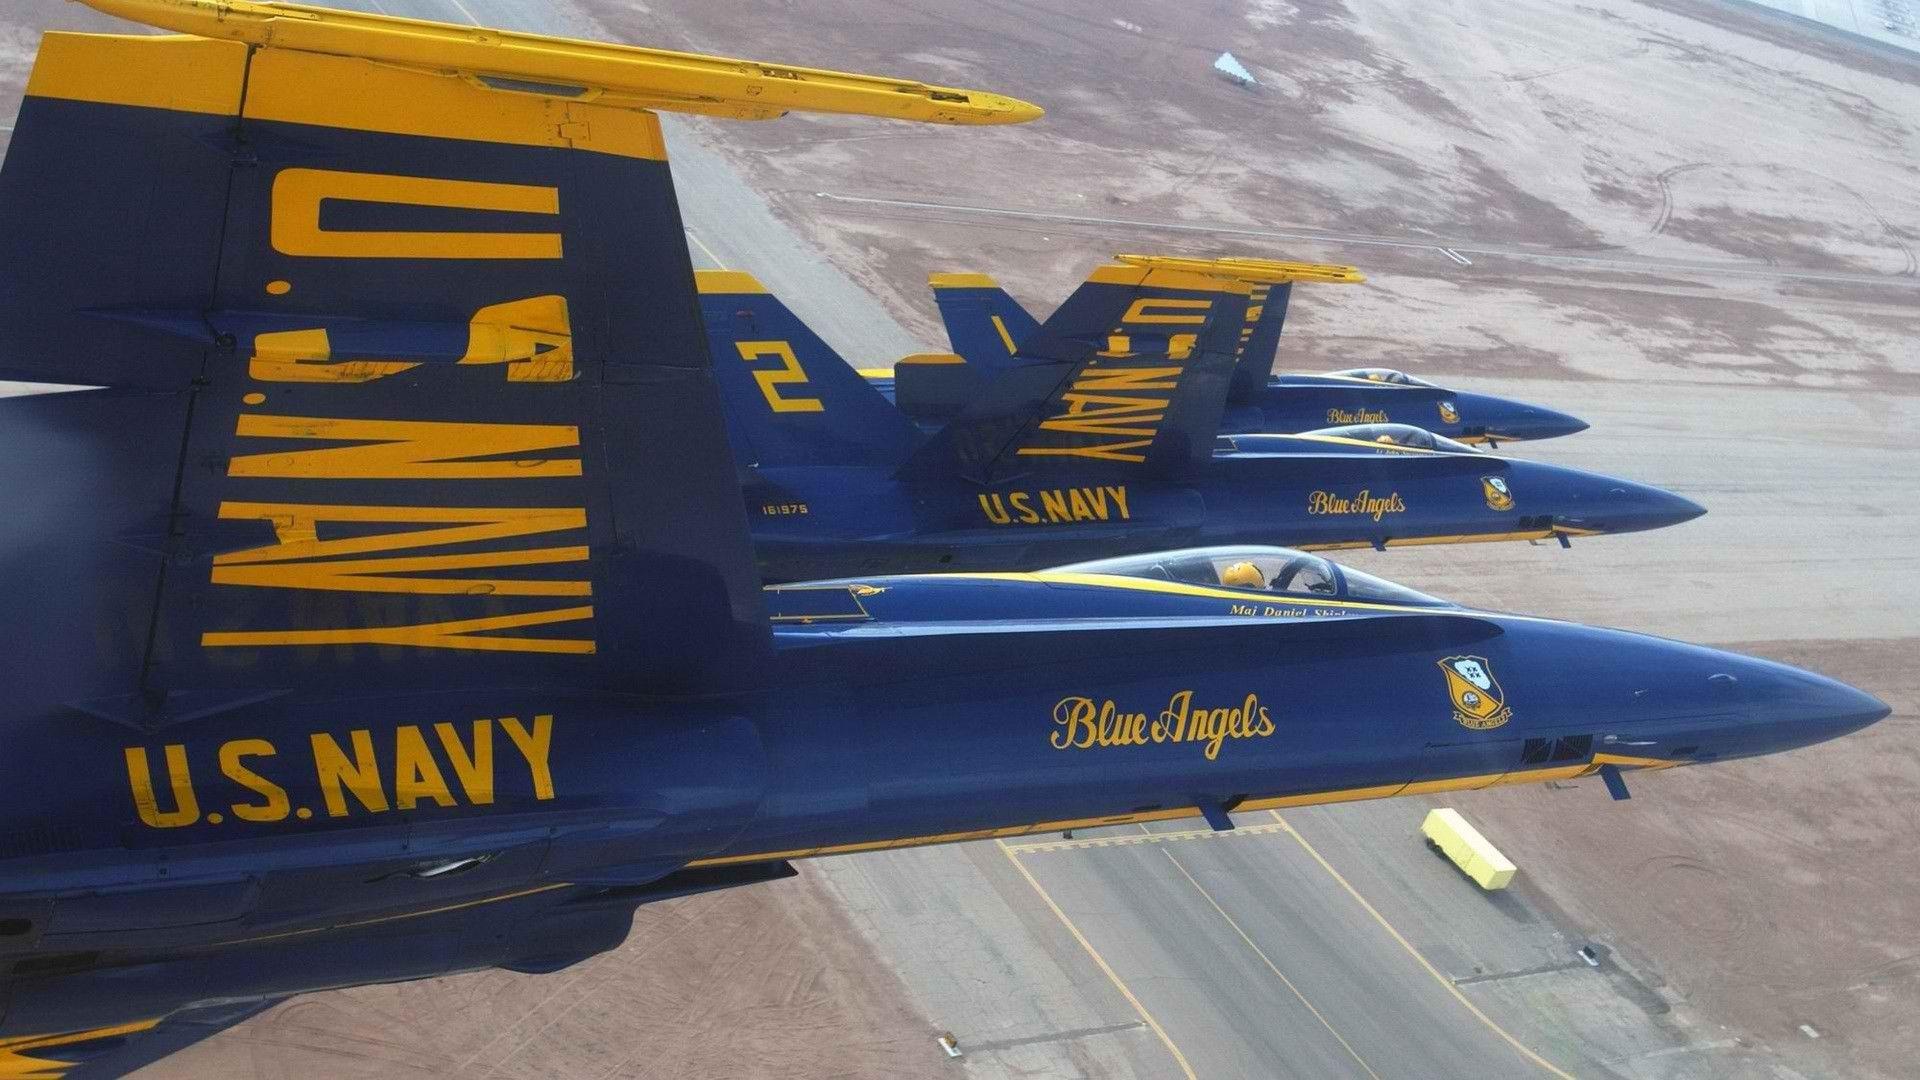 World Cockpit Blue Angels F 18 Hornet 1920x1080 Wallpaper Us Navy Blue Angels Us Navy Wallpaper Us Navy